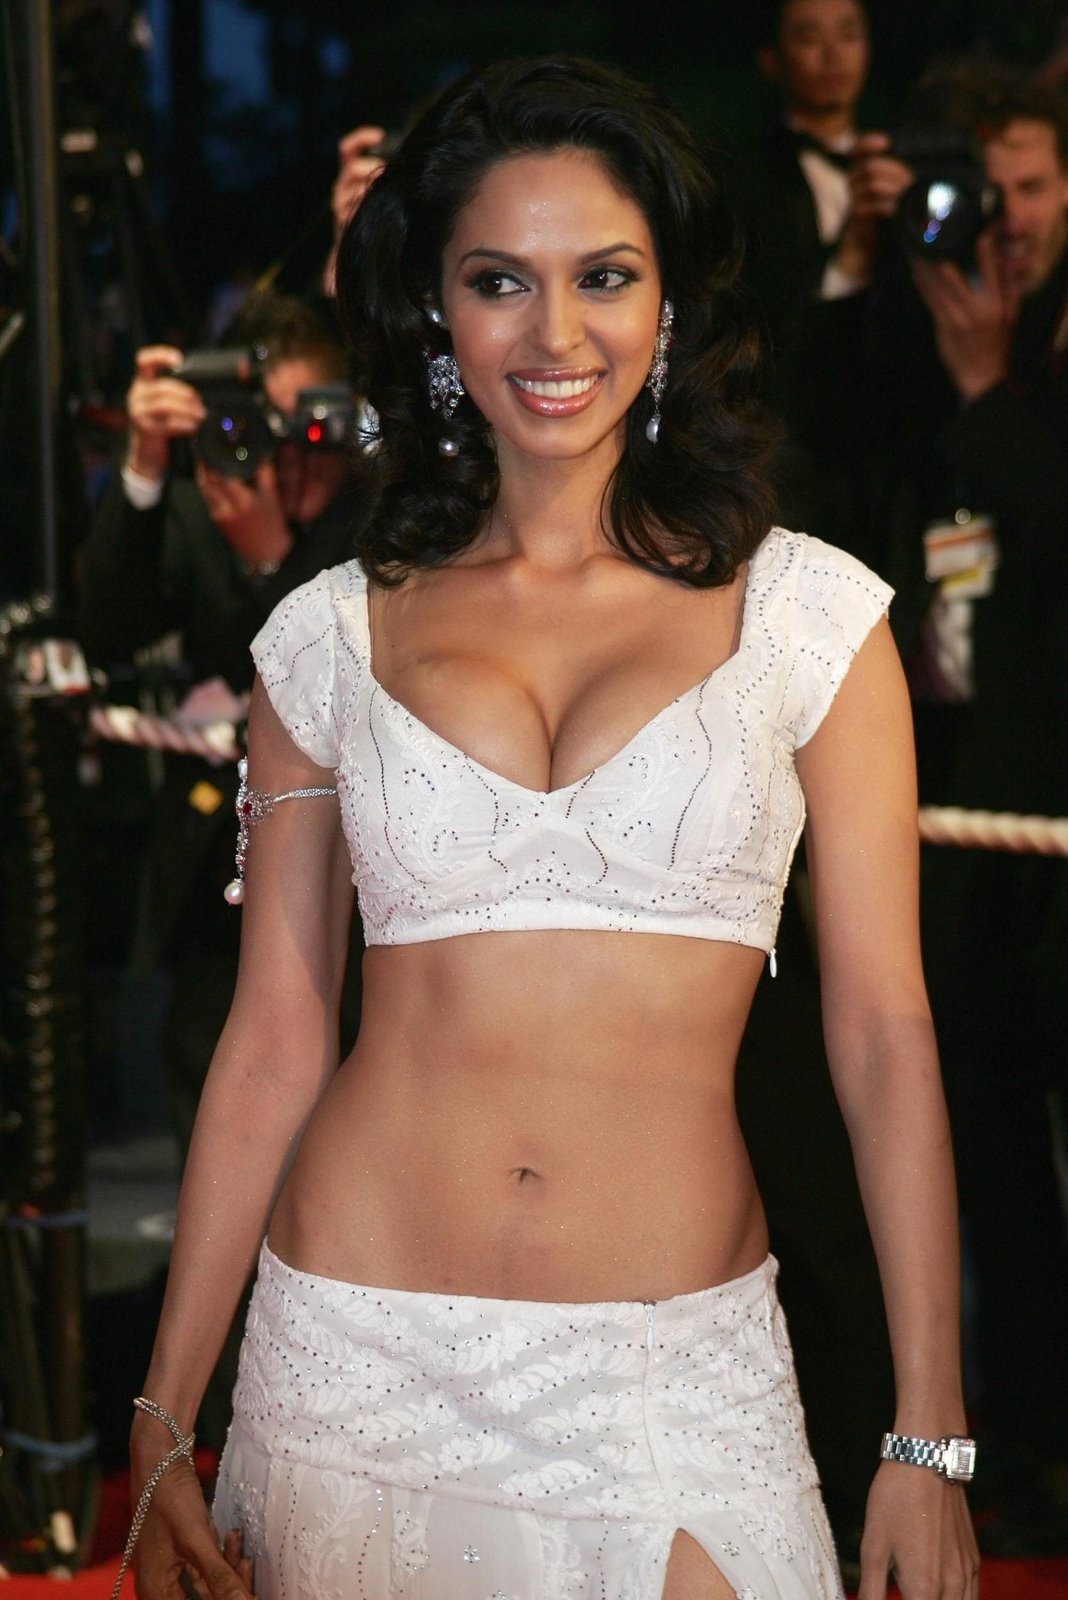 Sexy Photo Of Mallika Serawat